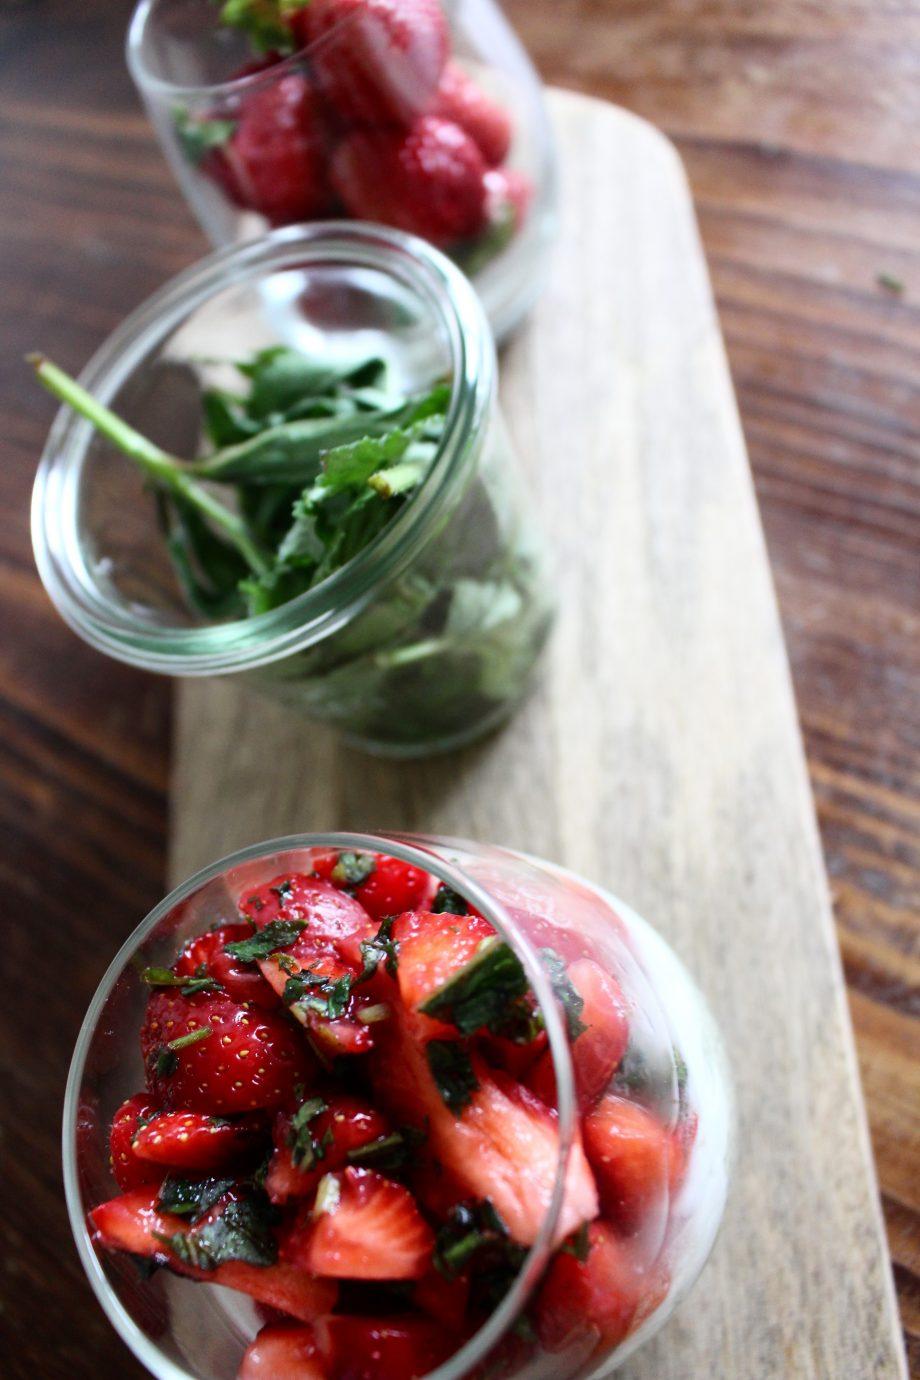 Matcha Chia-Pudding mit frischen Erdbeeren |22.05.2017